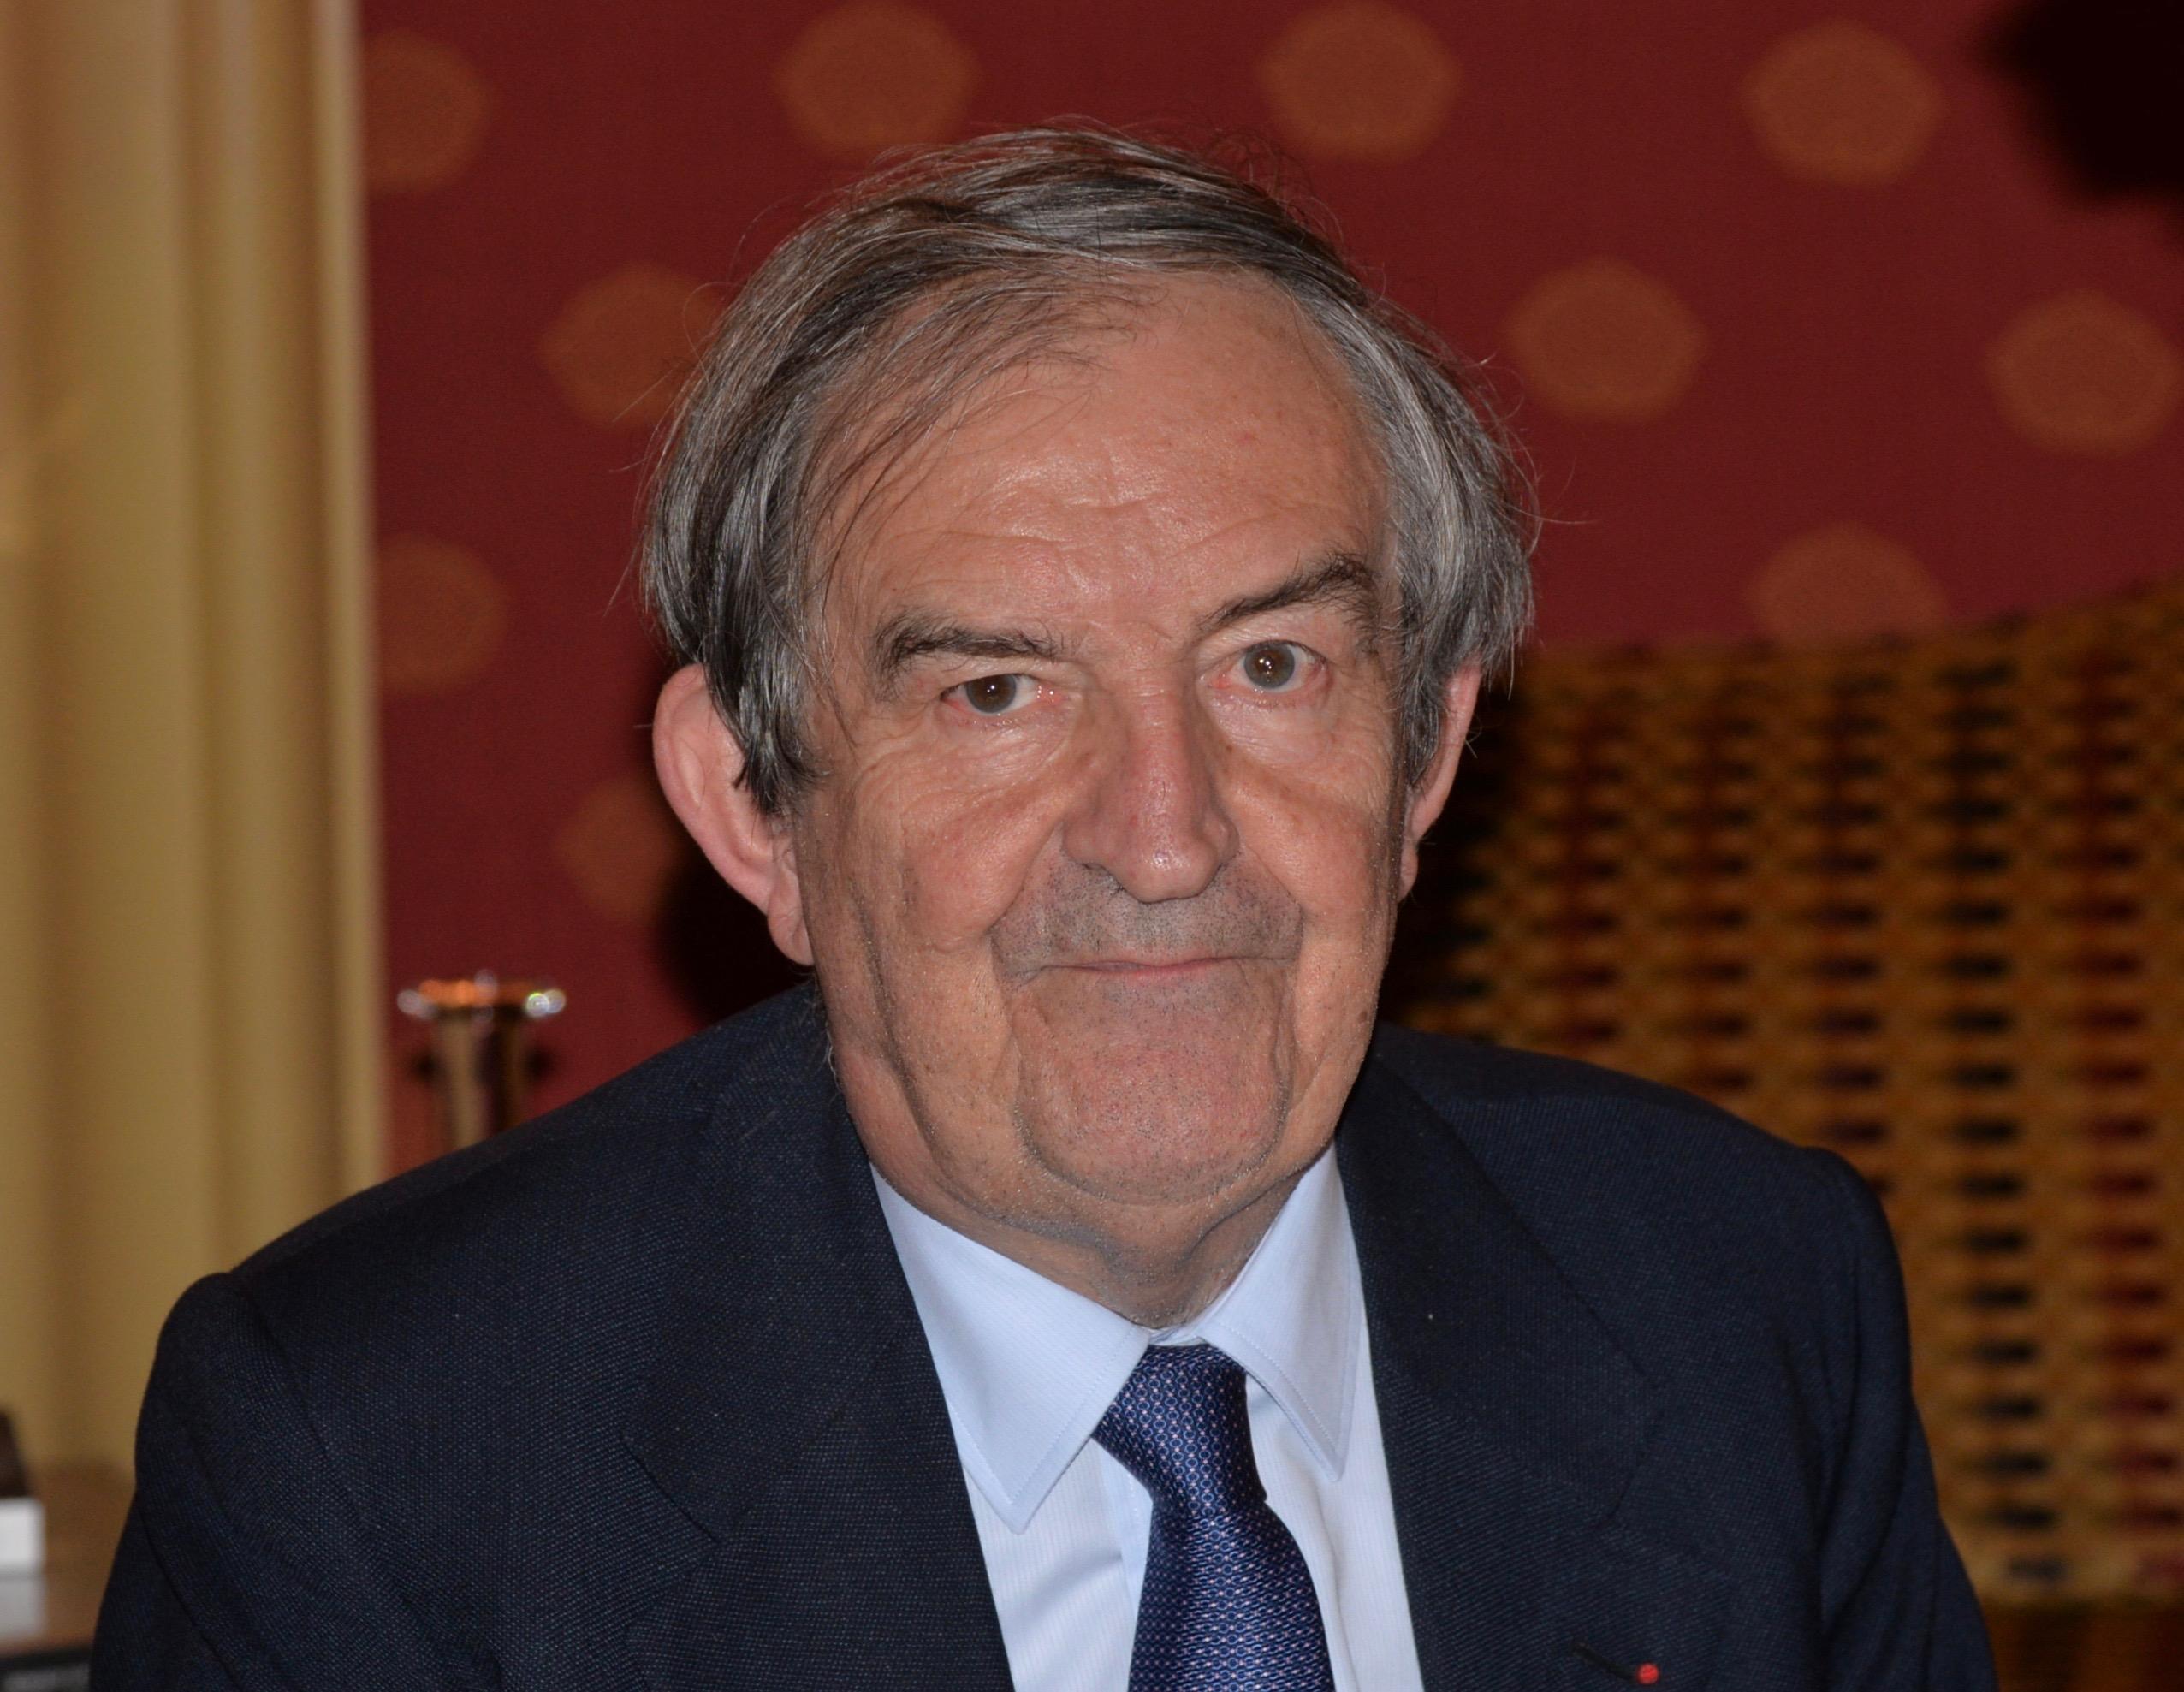 Juge Jean-Louis BRUGUIÈRE